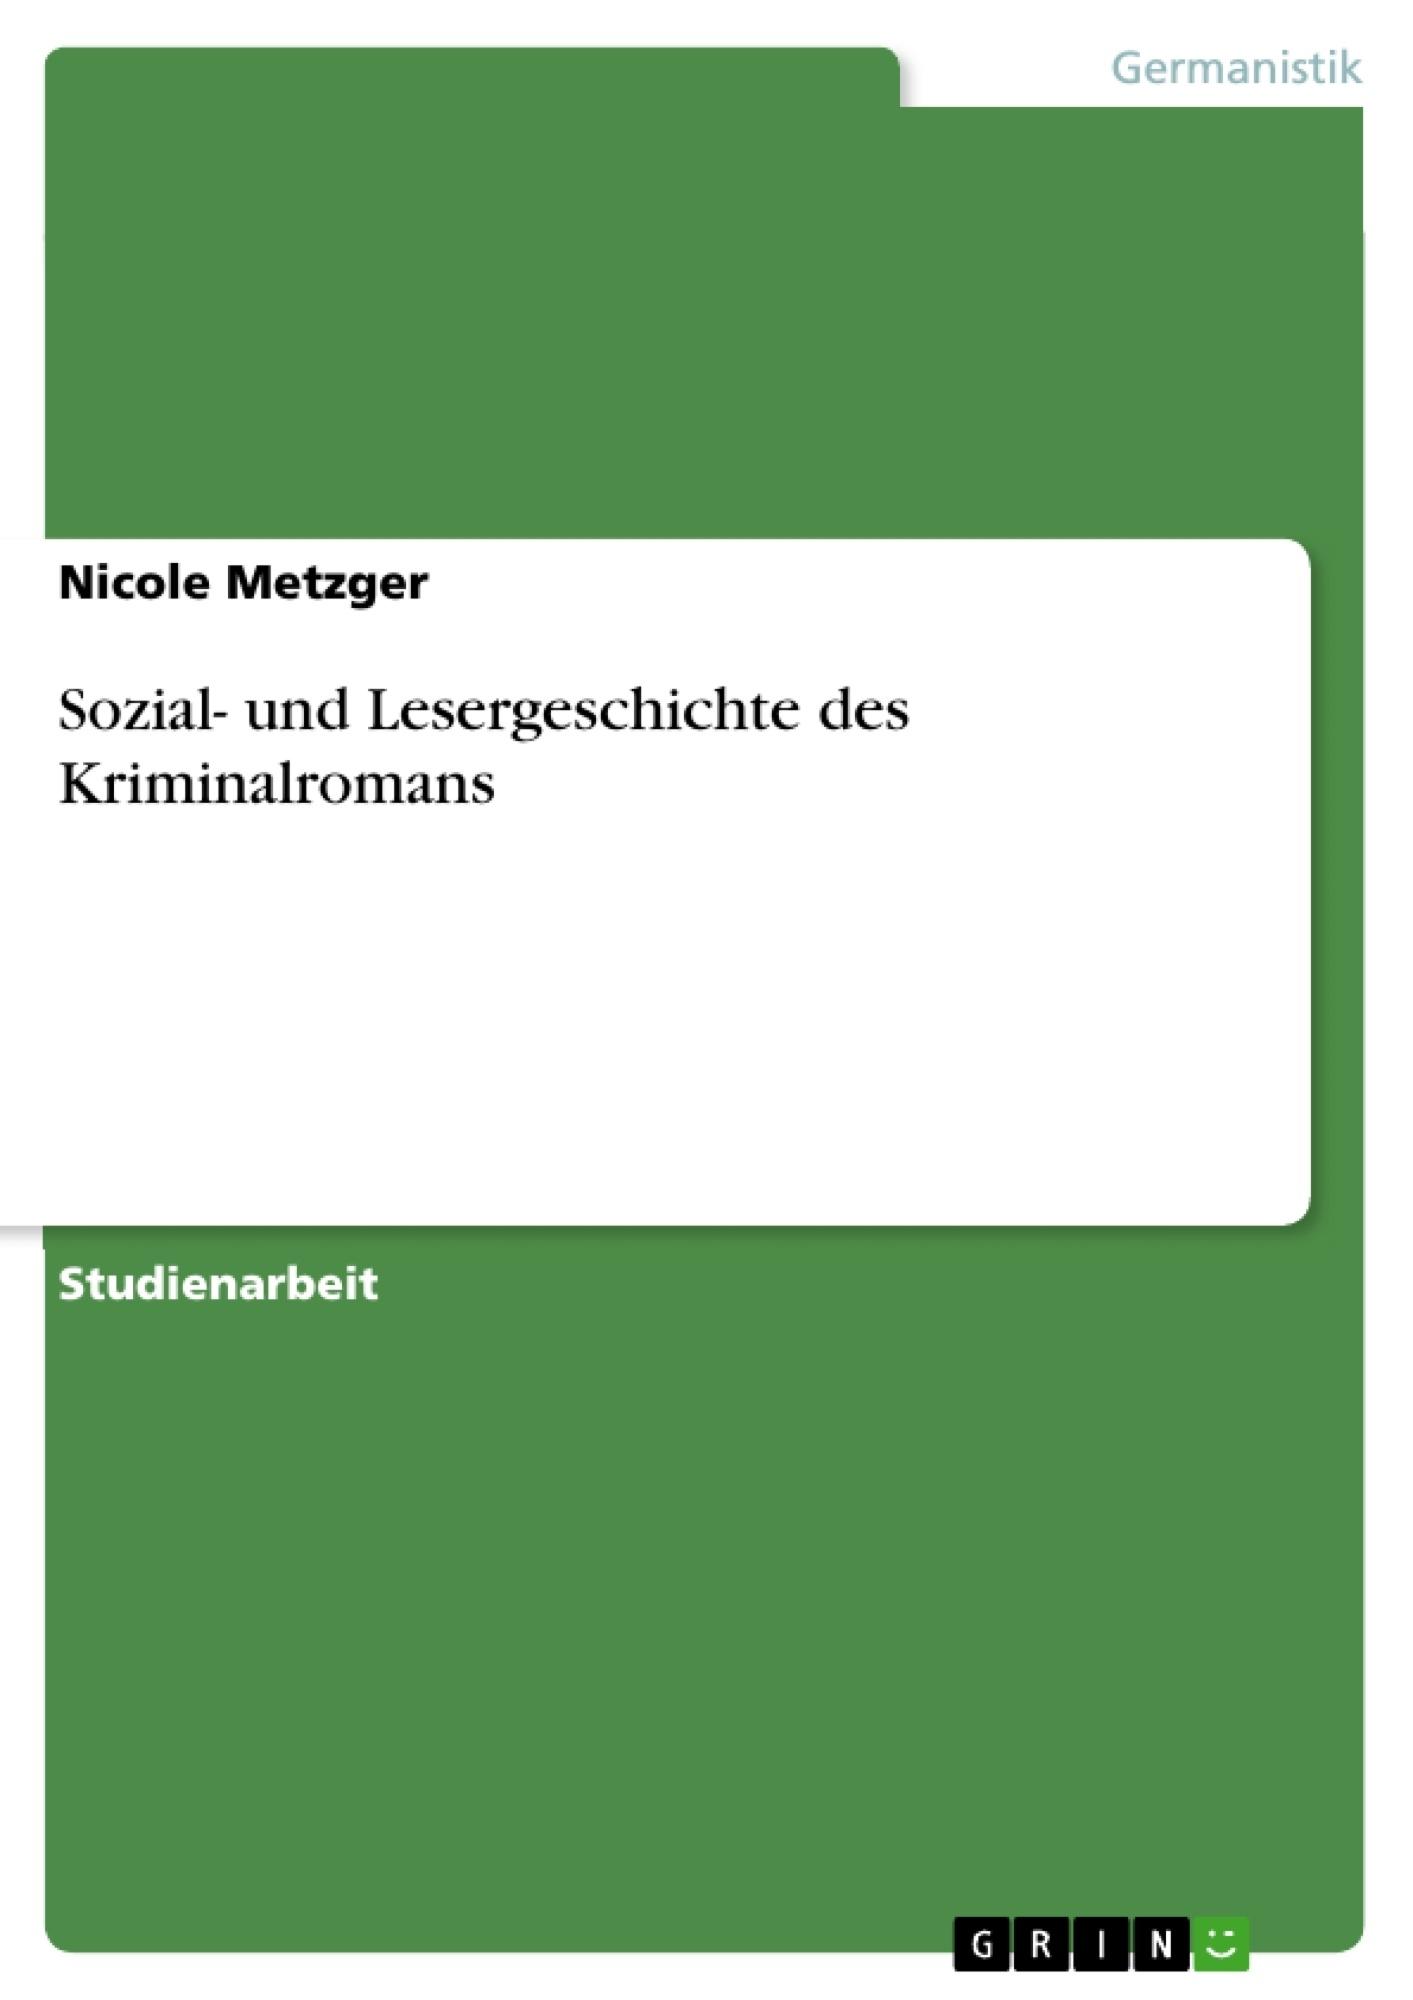 Titel: Sozial- und Lesergeschichte des Kriminalromans